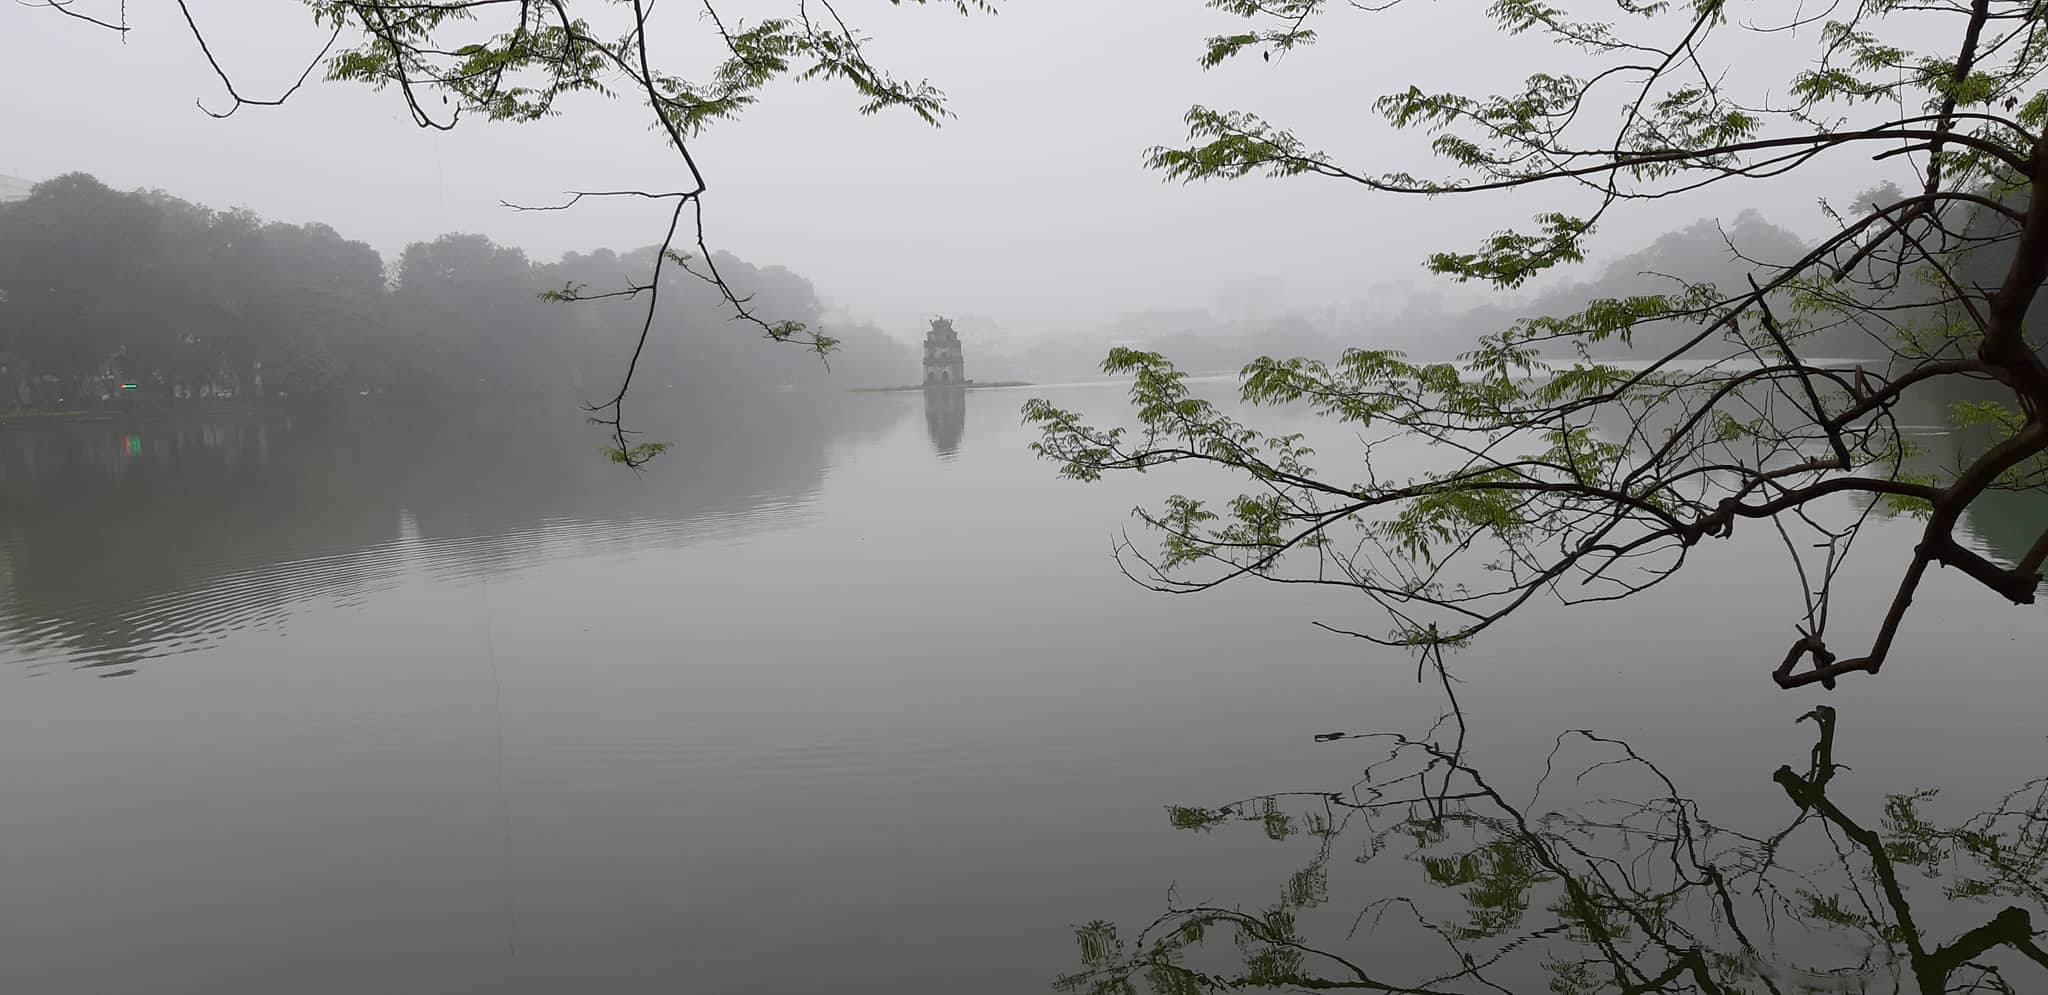 Hiện tượng sương mù, mưa phùn sẽ chấm dứt từ ngày 20/3